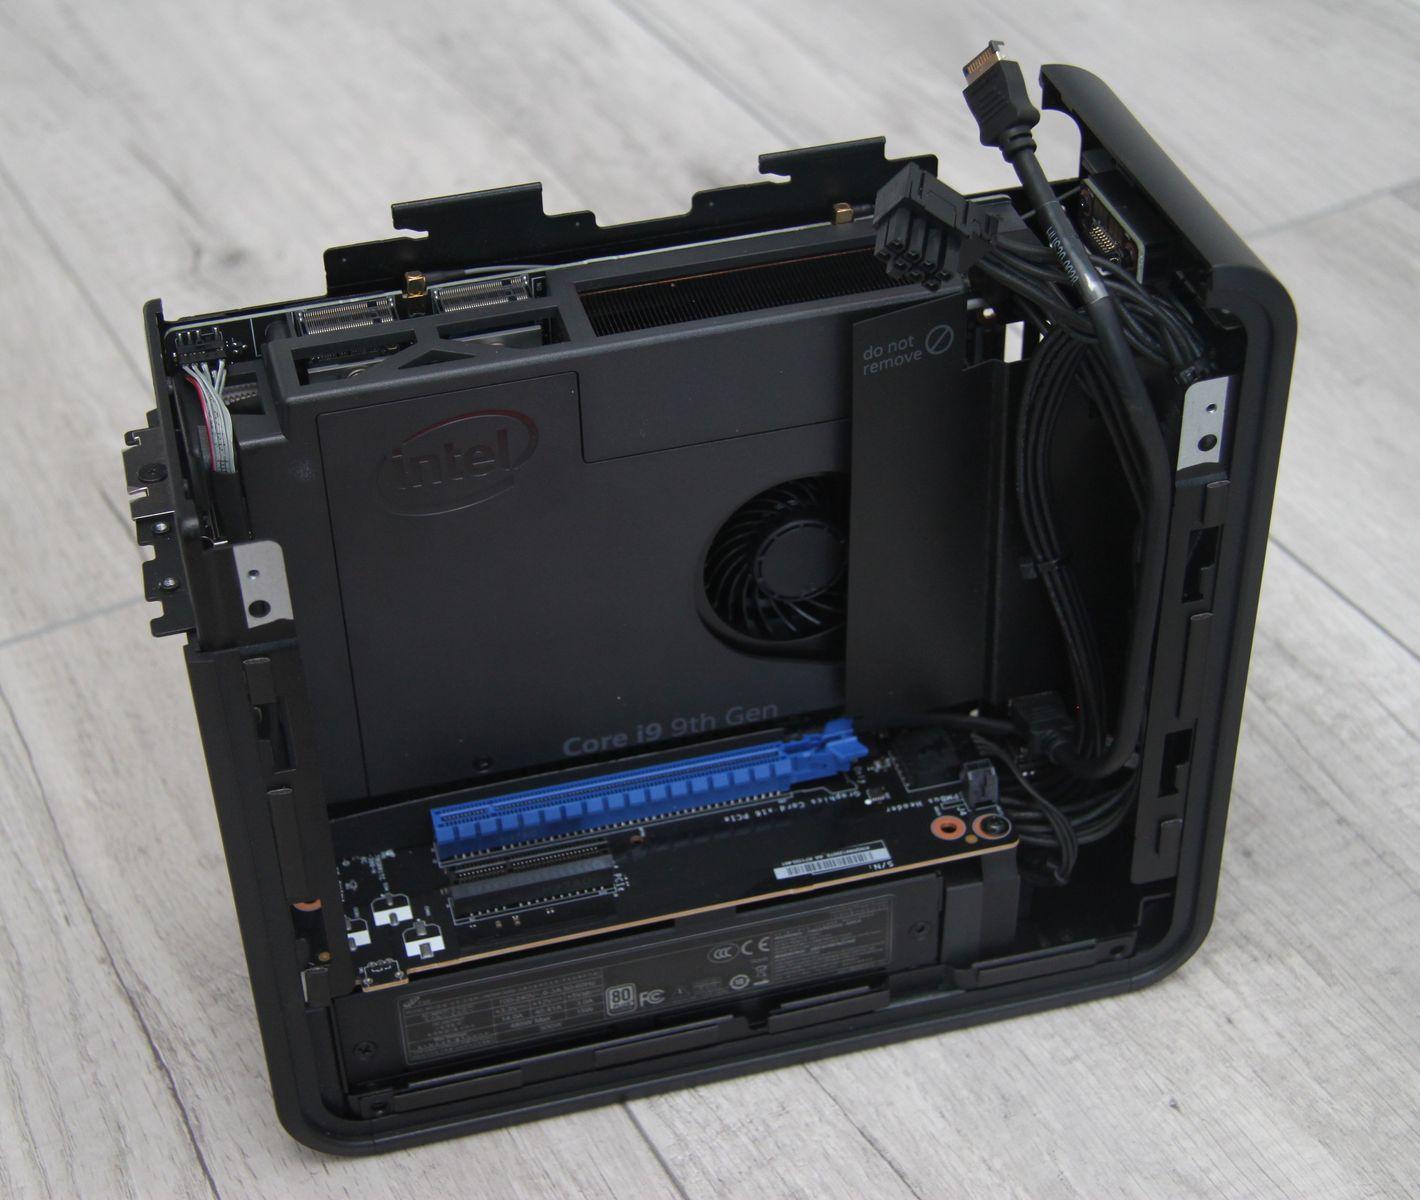 Intel NUC 9 Extreme płyta główna